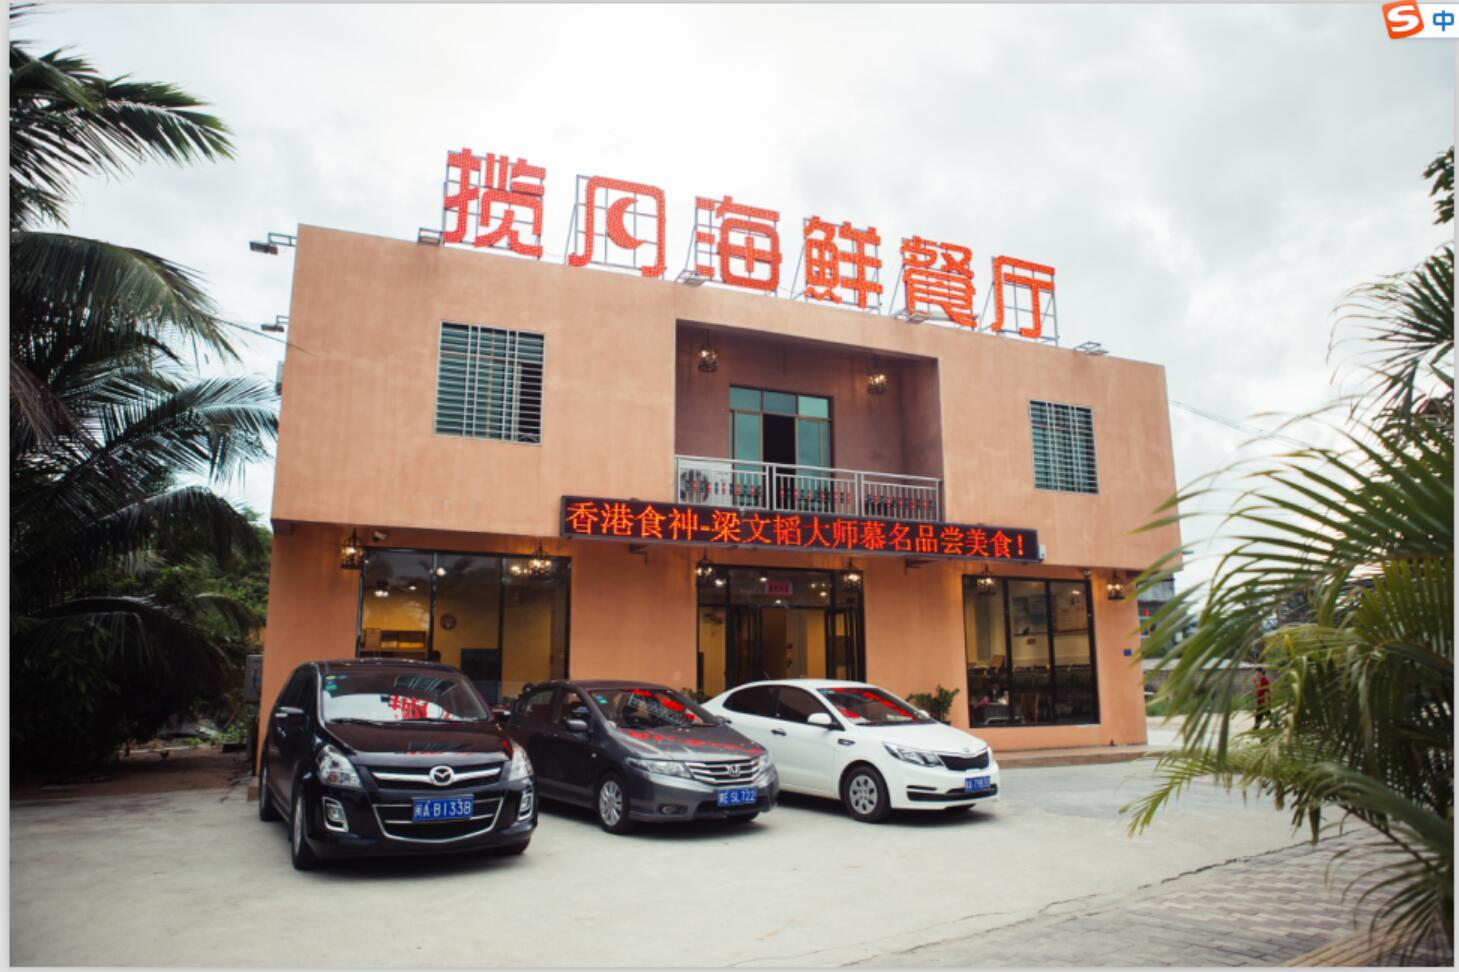 揽月海鲜餐厅(海棠湾店)